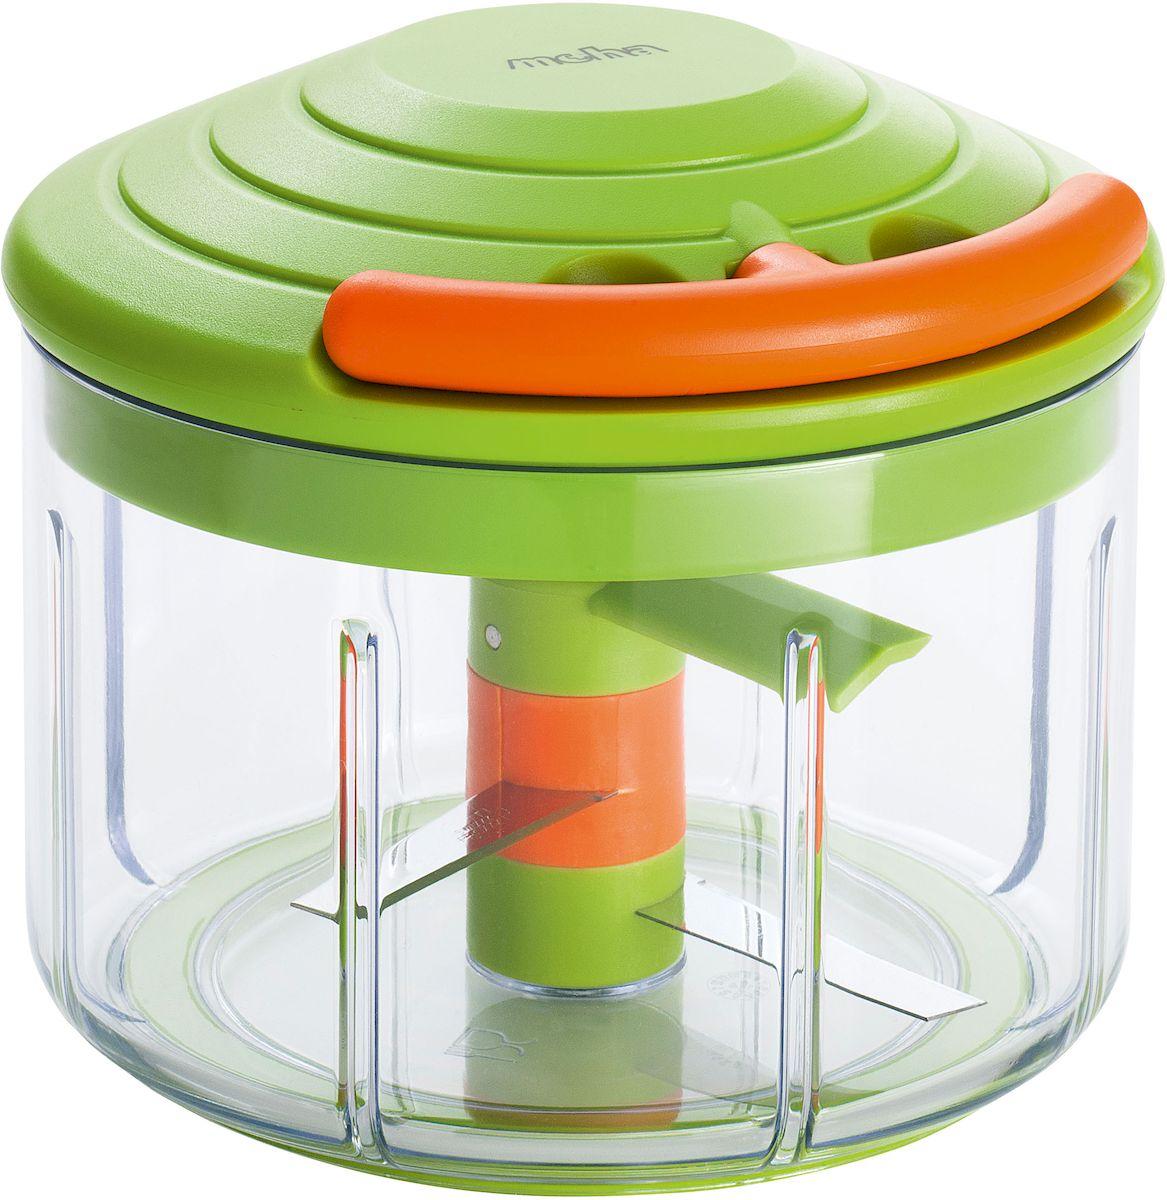 Измельчитель-чоппер Moha Speedy Max, со смесителем, крышкой для хранения, цвет: зеленый, оранжевый, 0,7 л15017Чоппер выполнен из экологически чистого пластика. Нож из нержавеющей стали. Удобная эргономичная рабочая ручка поможет без труда и усилий измельчить любые овощи. Практичный поворотный механизм создан специально для получения мелких кубиков. Идеален для резки лука, зелени и других овощей. Можно использовать для приготовления соусов.